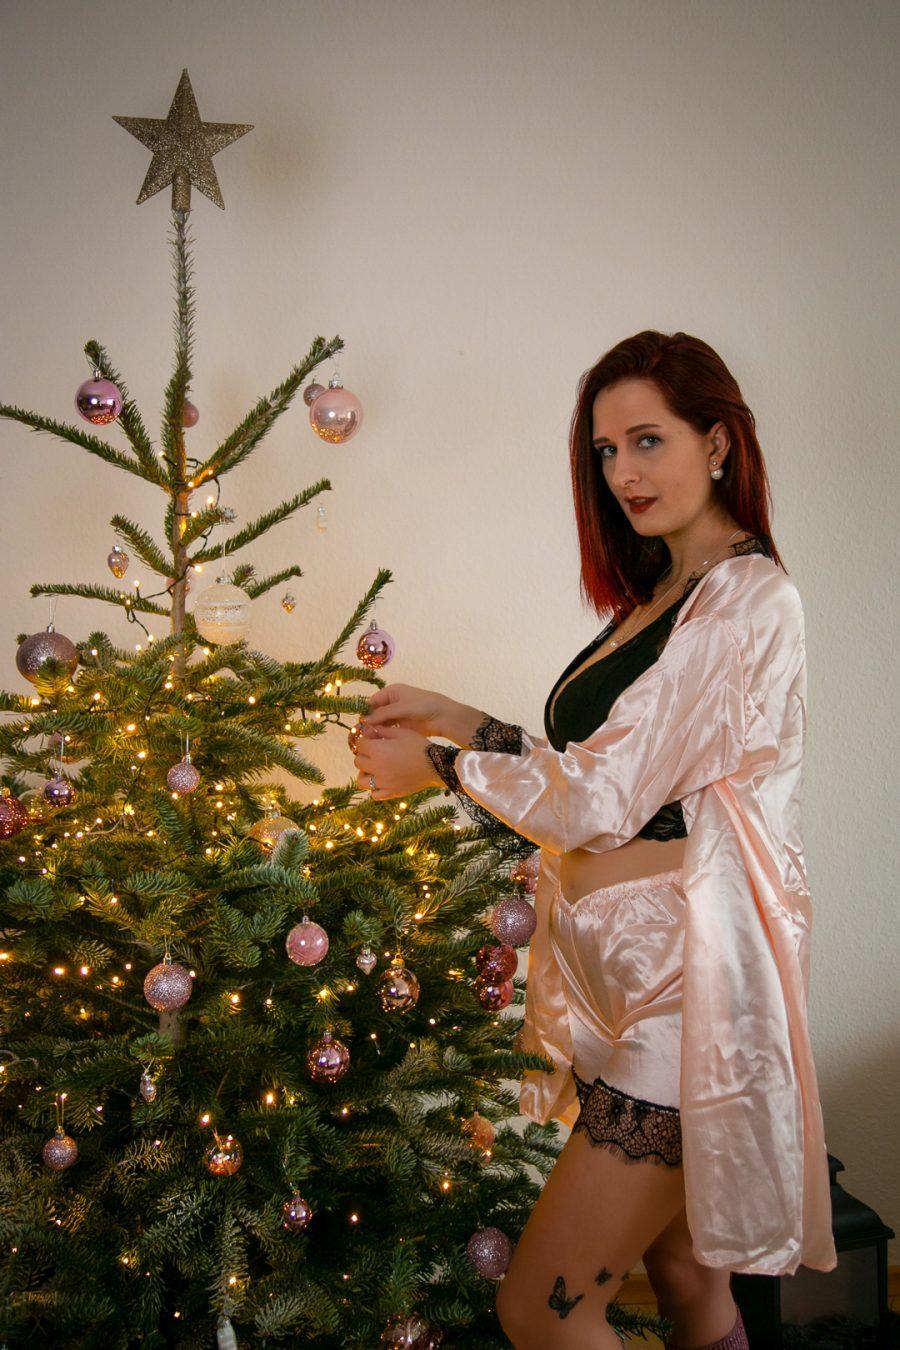 Frau schmückt Weihnachtsbaum